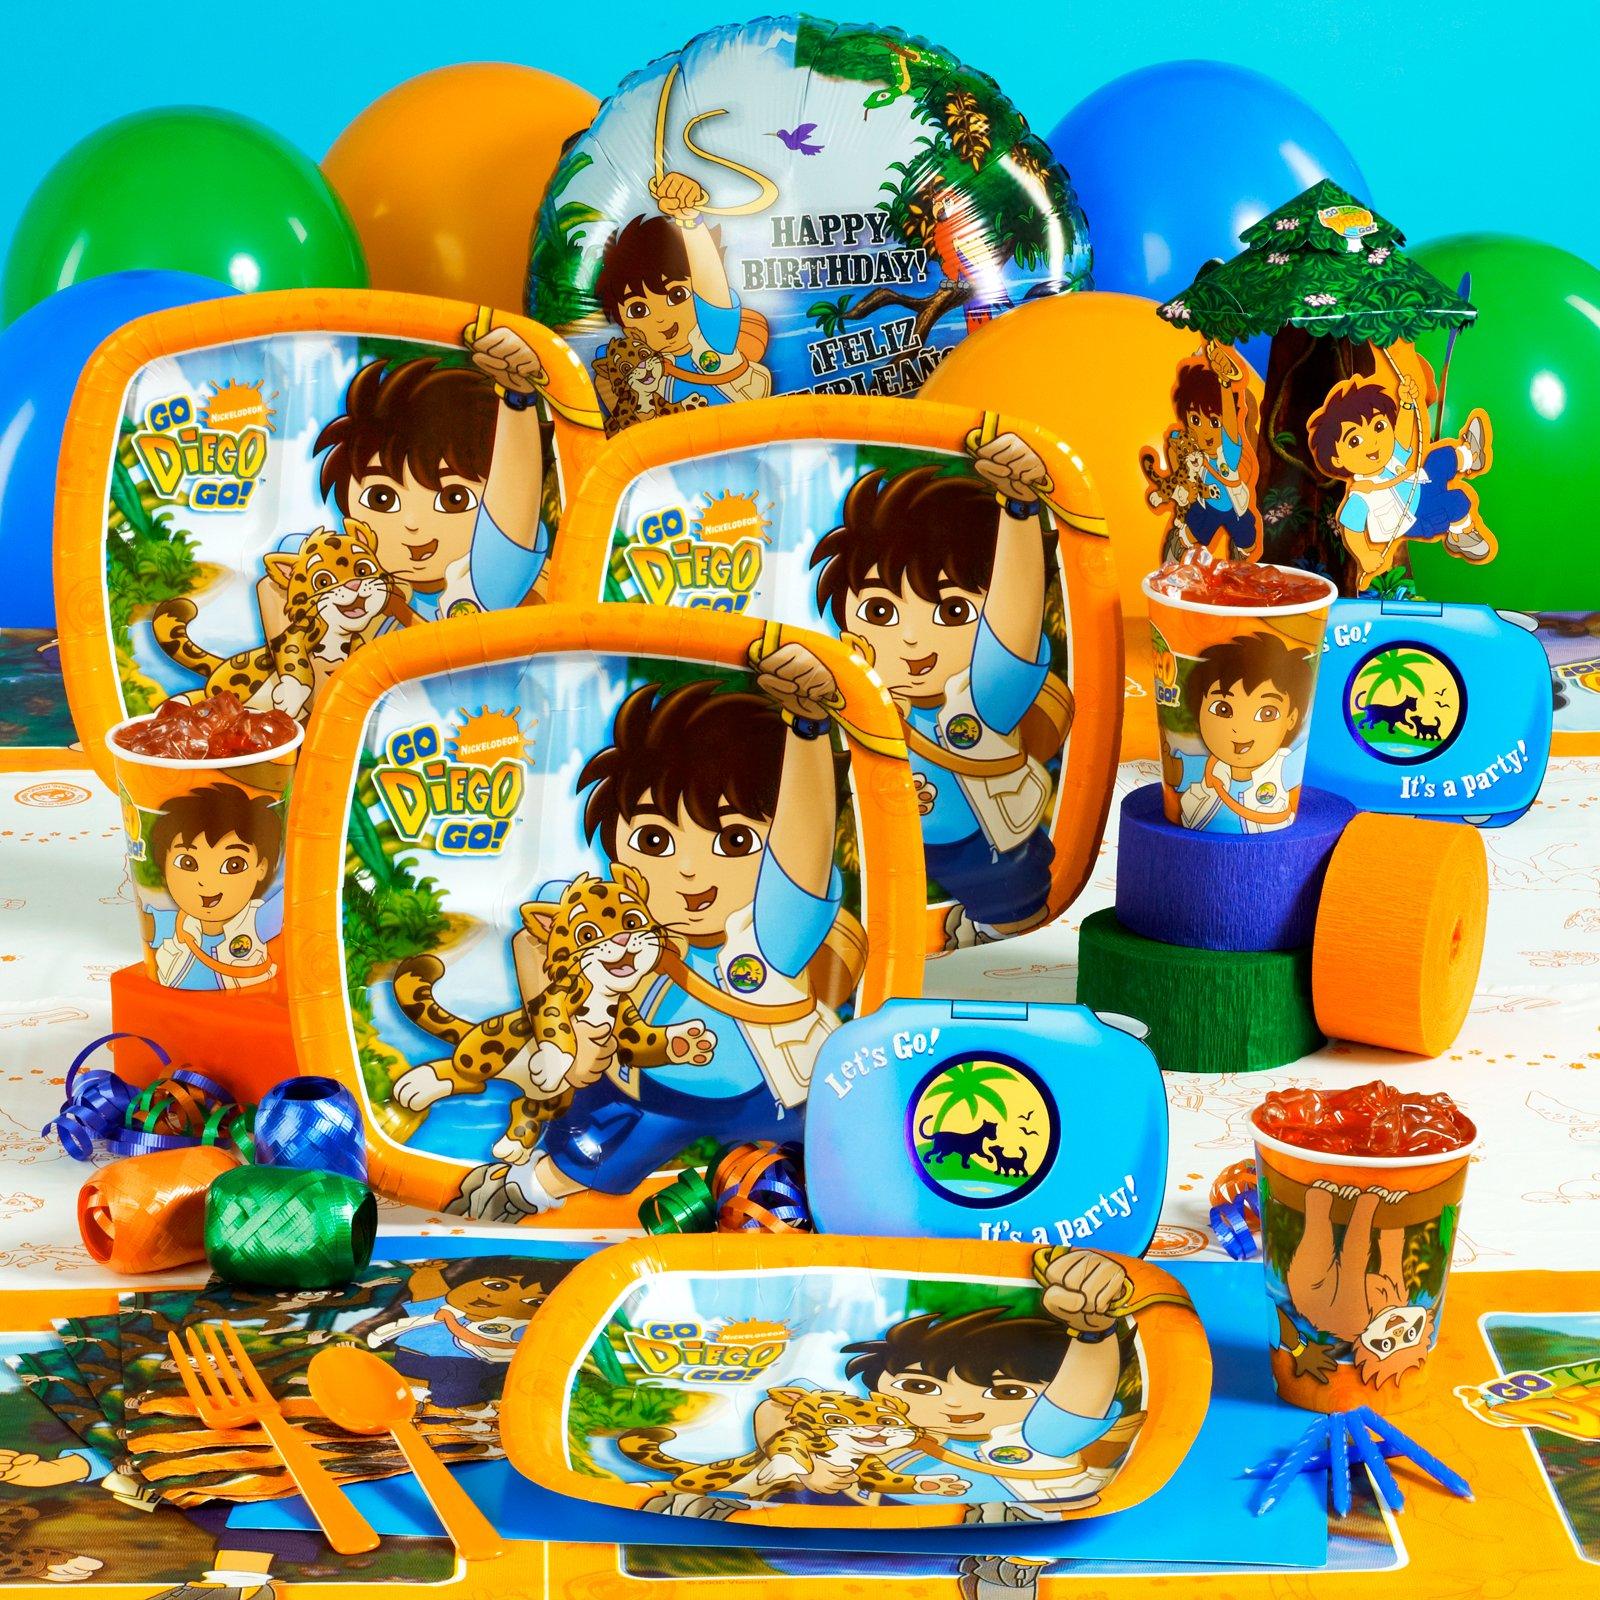 Veamos algunas ideas de decoraci n de fiestas infantiles - Organizar cumpleanos ninos ...